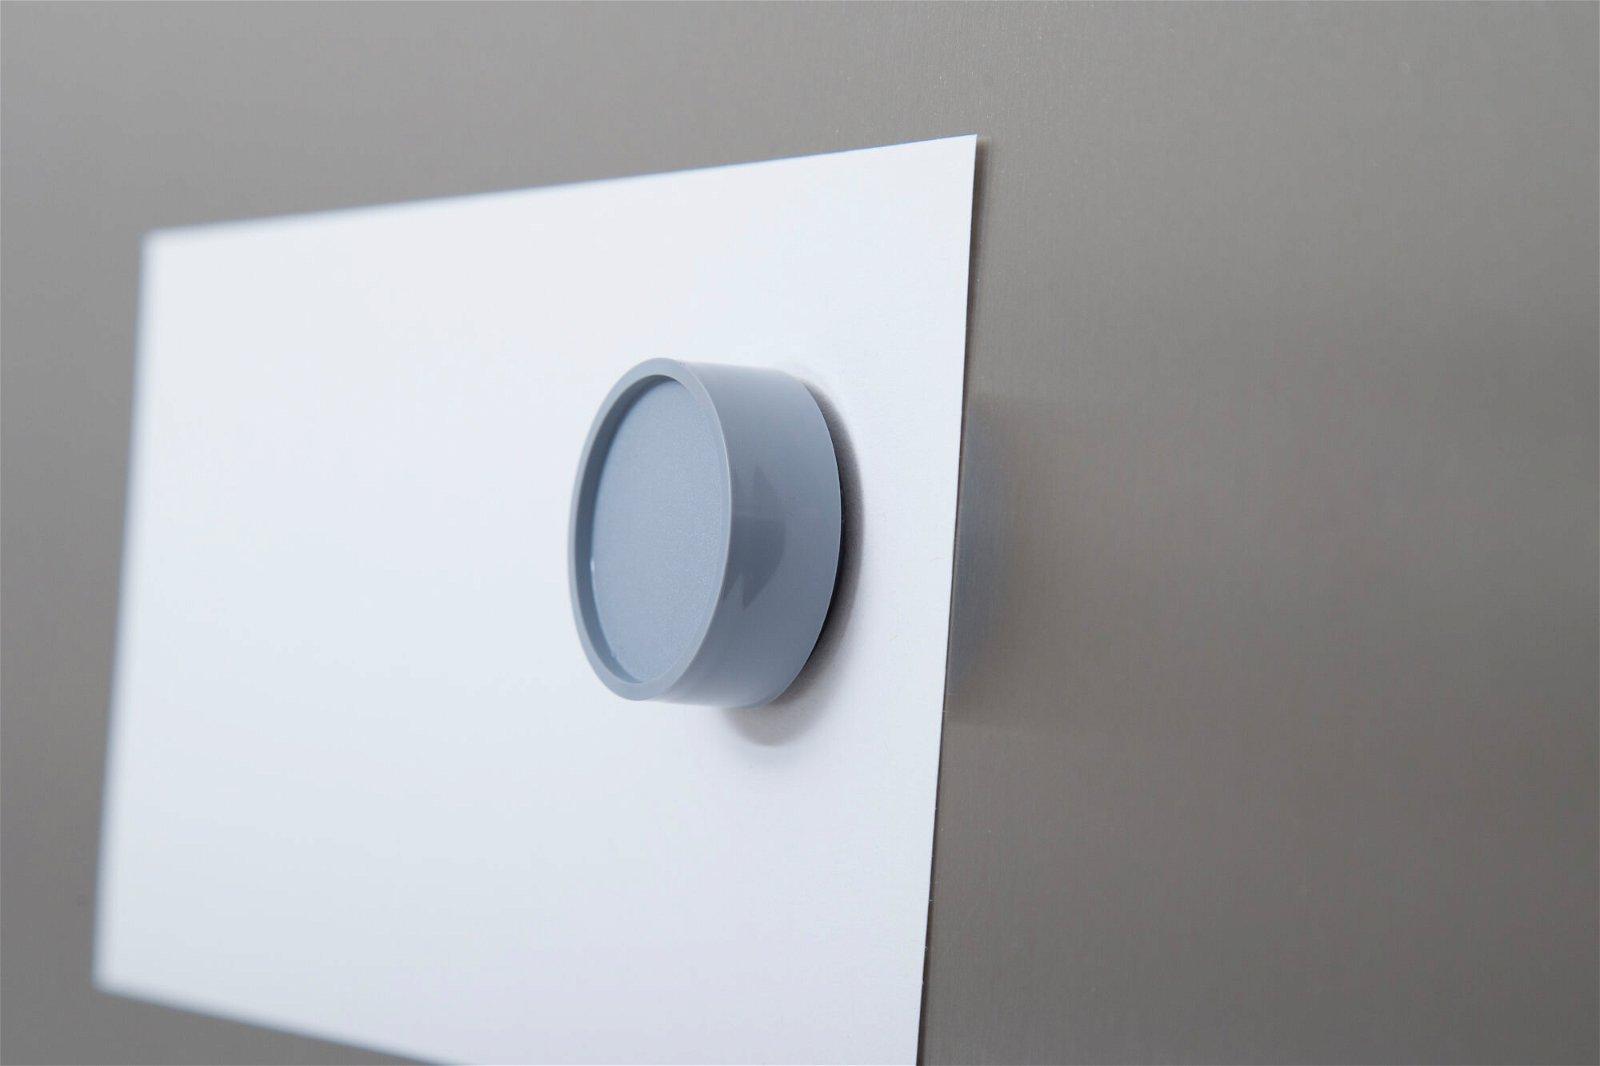 Rund-Magnet, PE Ø 30 mm, 0,6 kg Haftkraft, 10 St./Set, grau